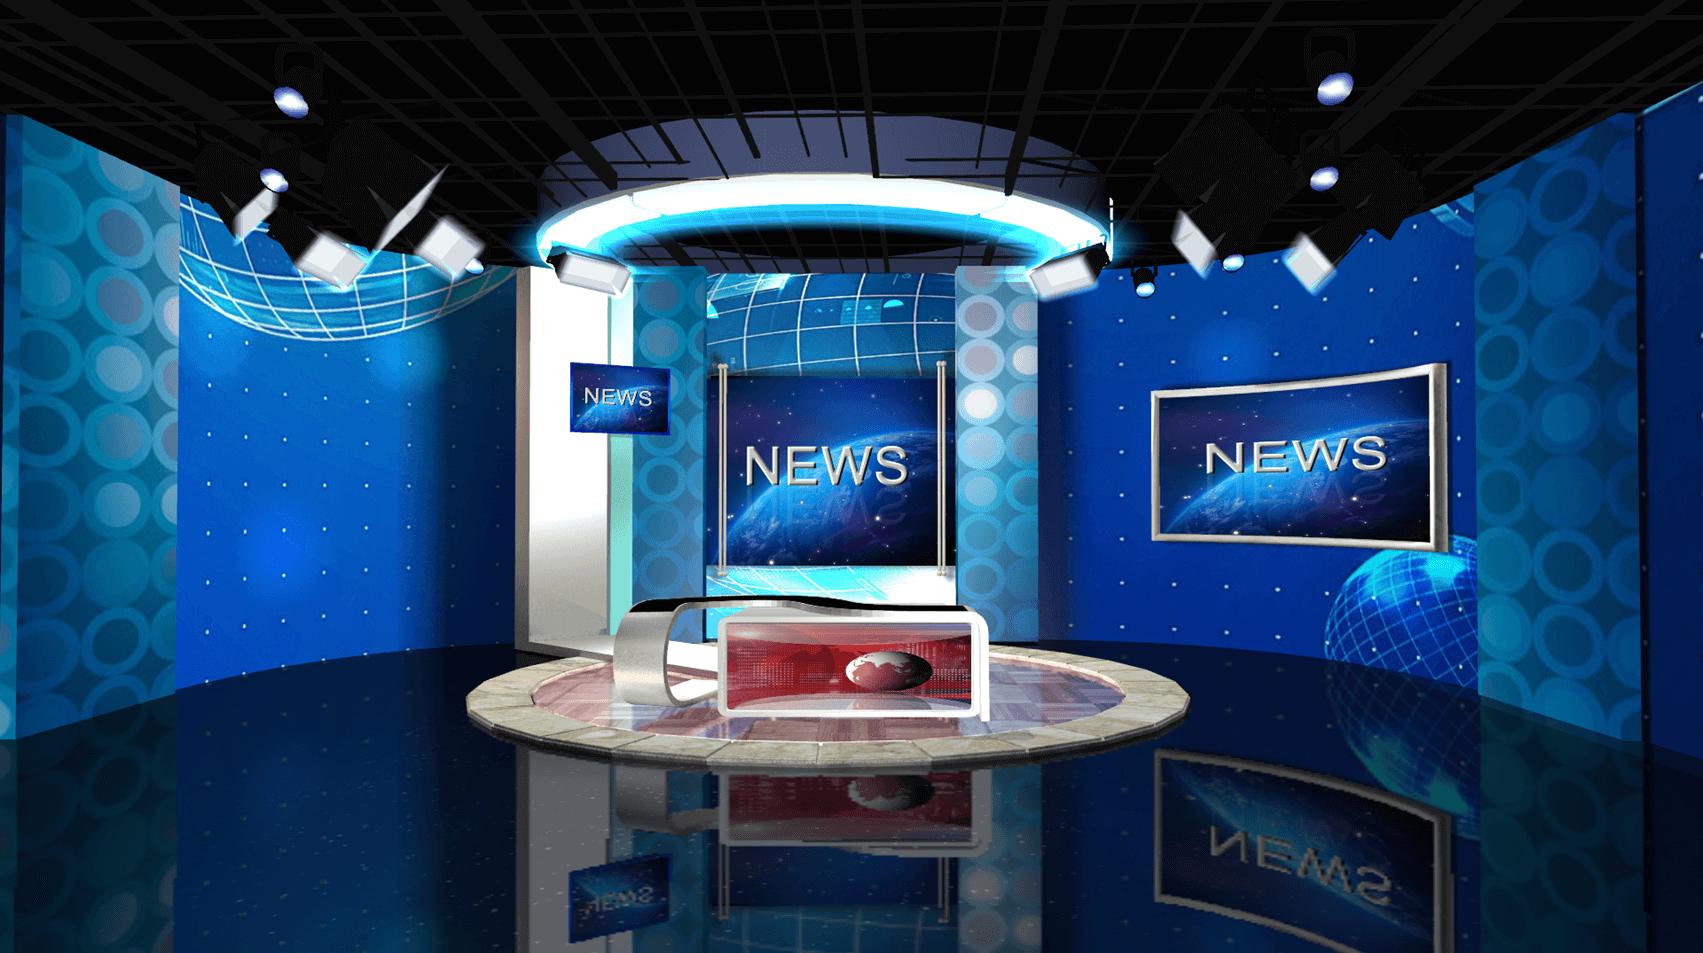 幽蓝深邃新闻直播间装修设计